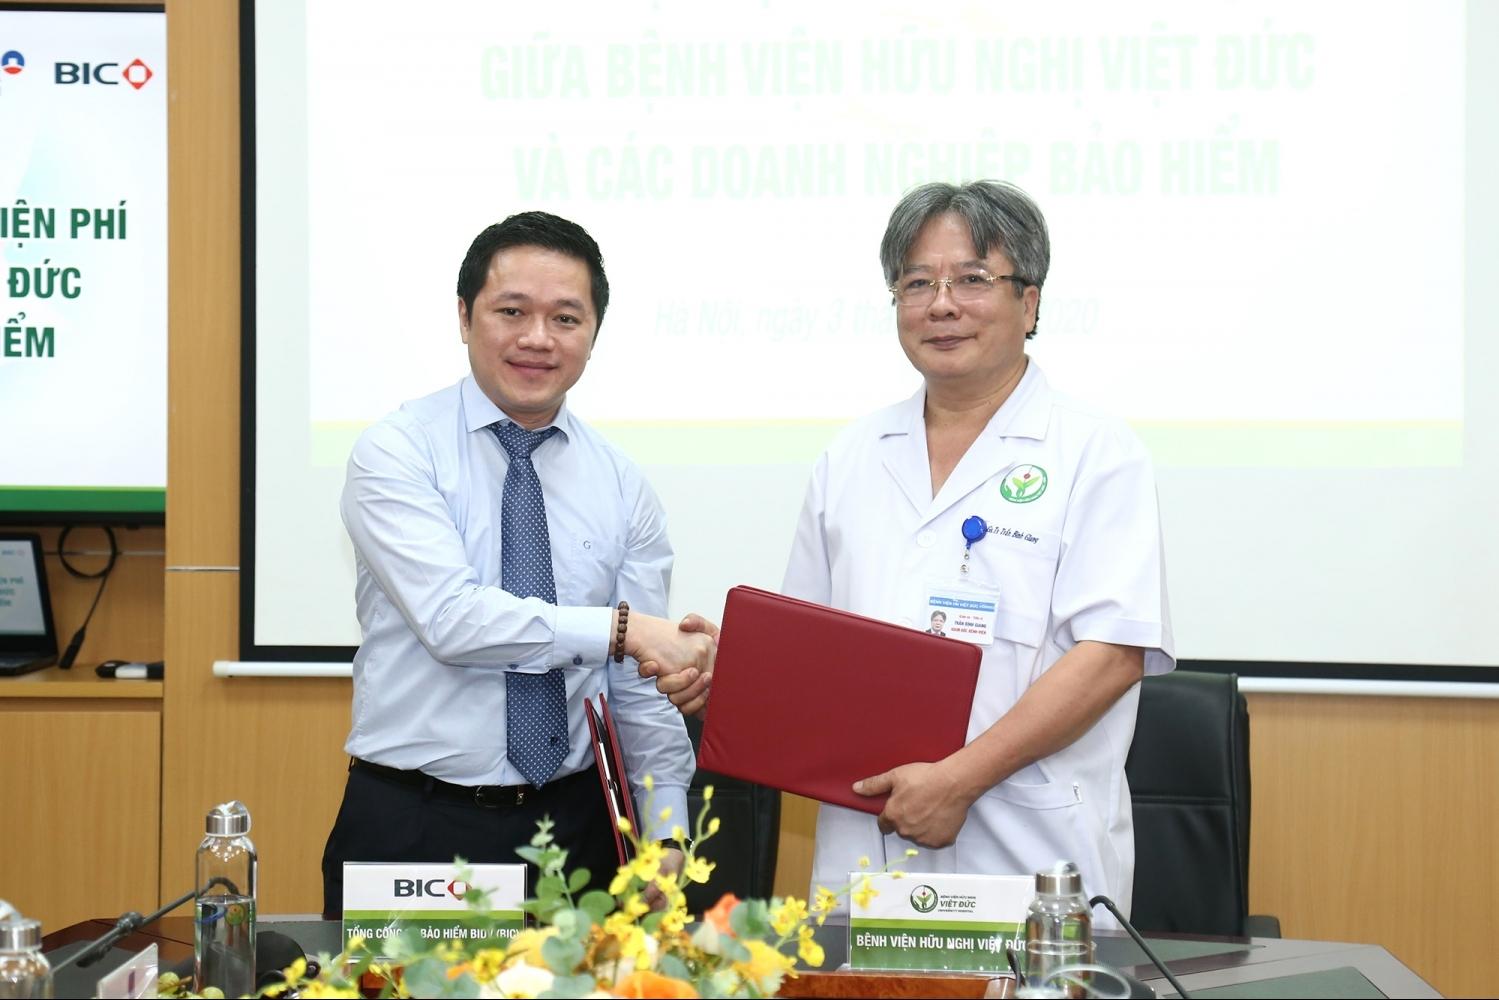 Tận hưởng ưu đãi của BIC tại Bệnh viện Hữu nghị Việt Đức